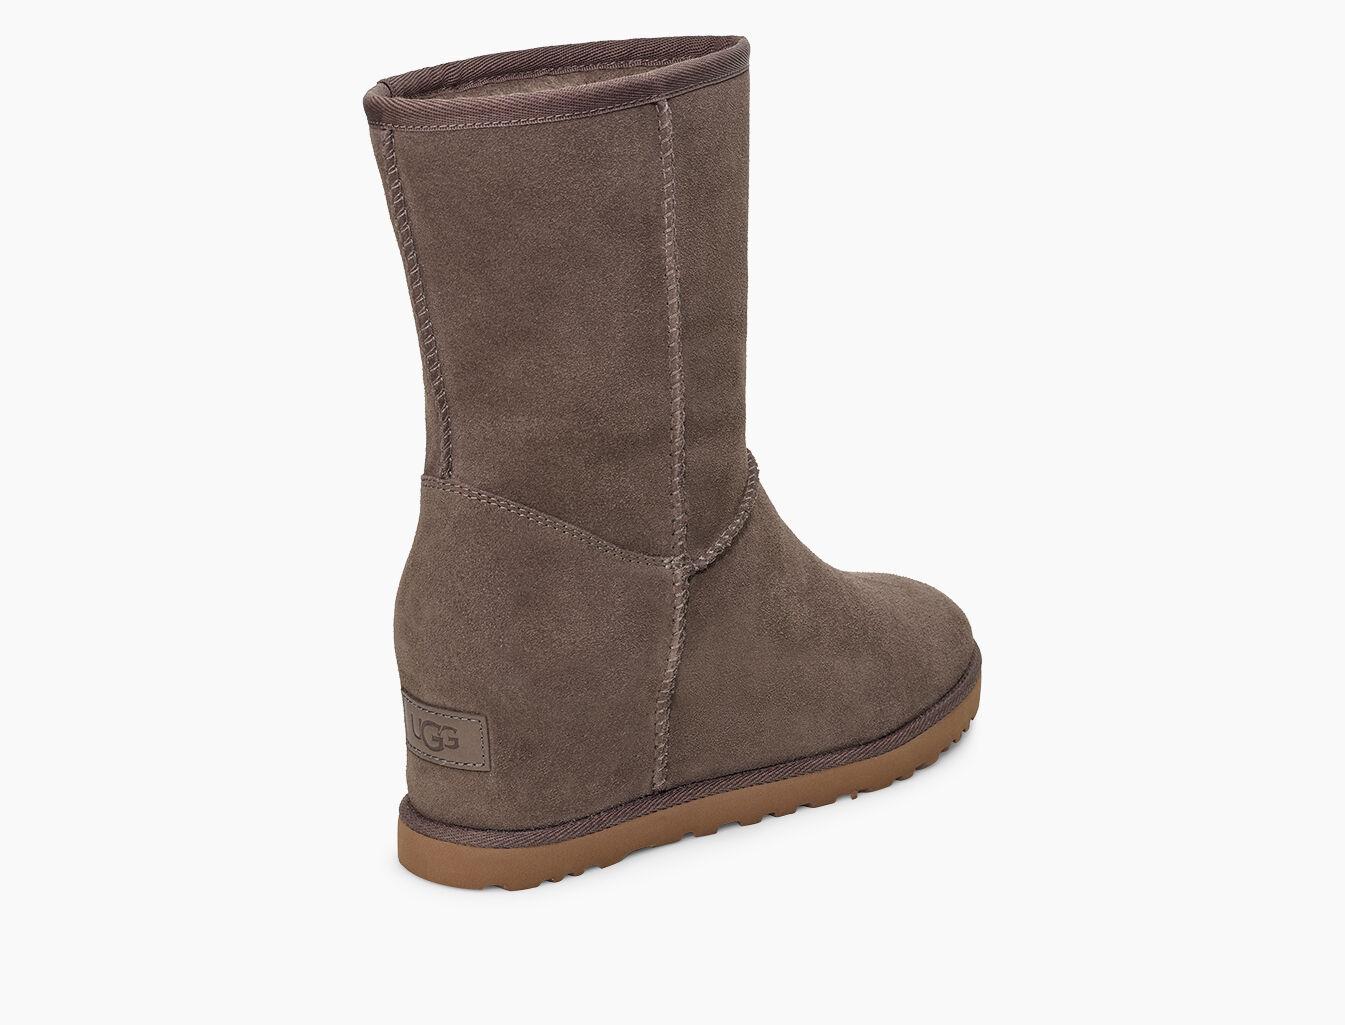 Ugg Boots spécial de modèle de short pour les femmes sur le